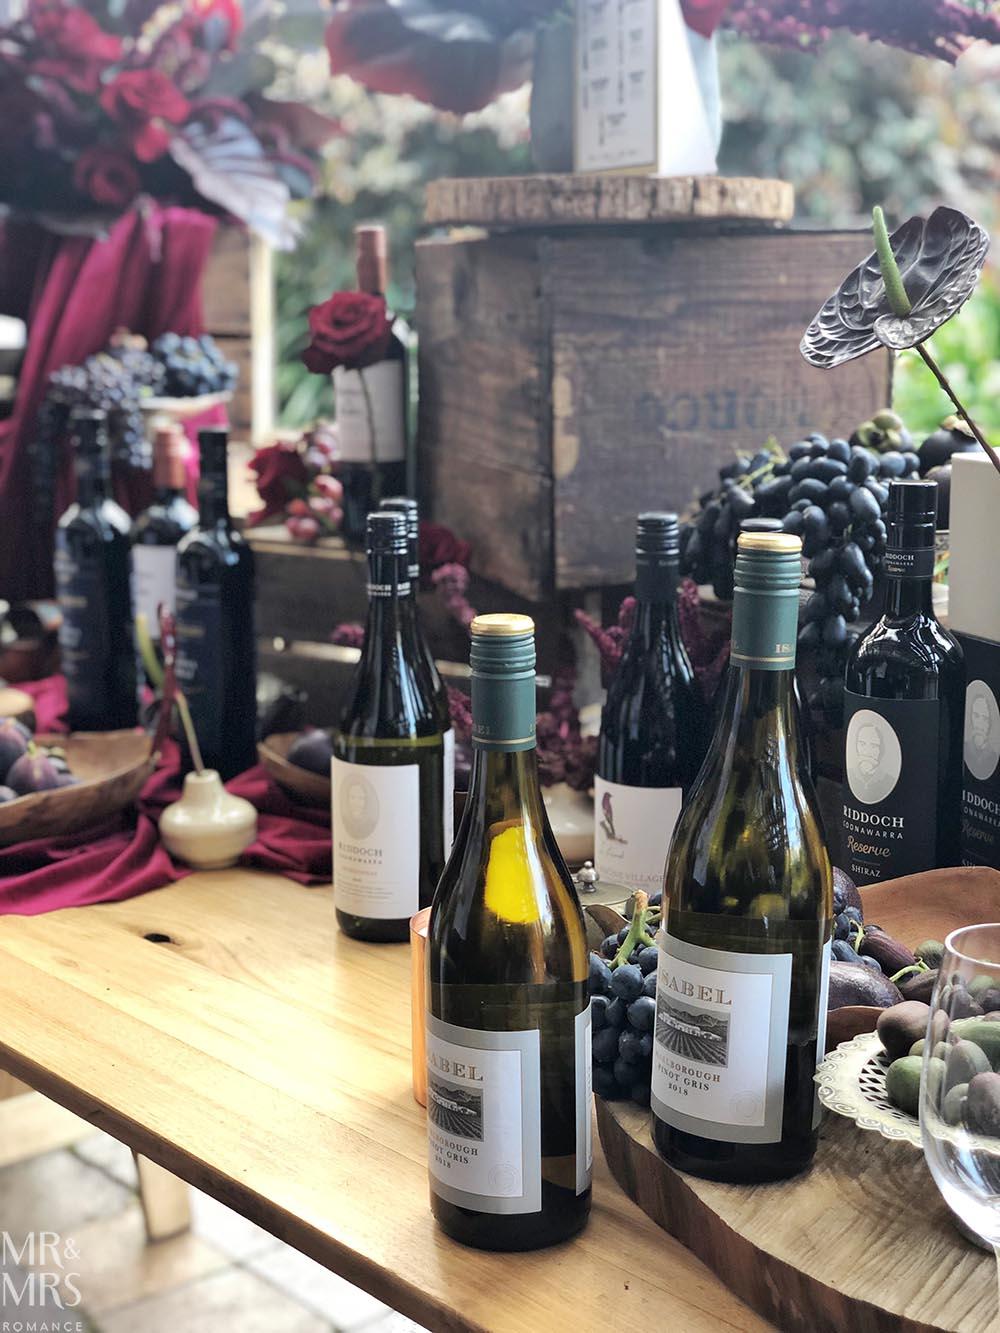 Winter wines at Pinnacle Drinks